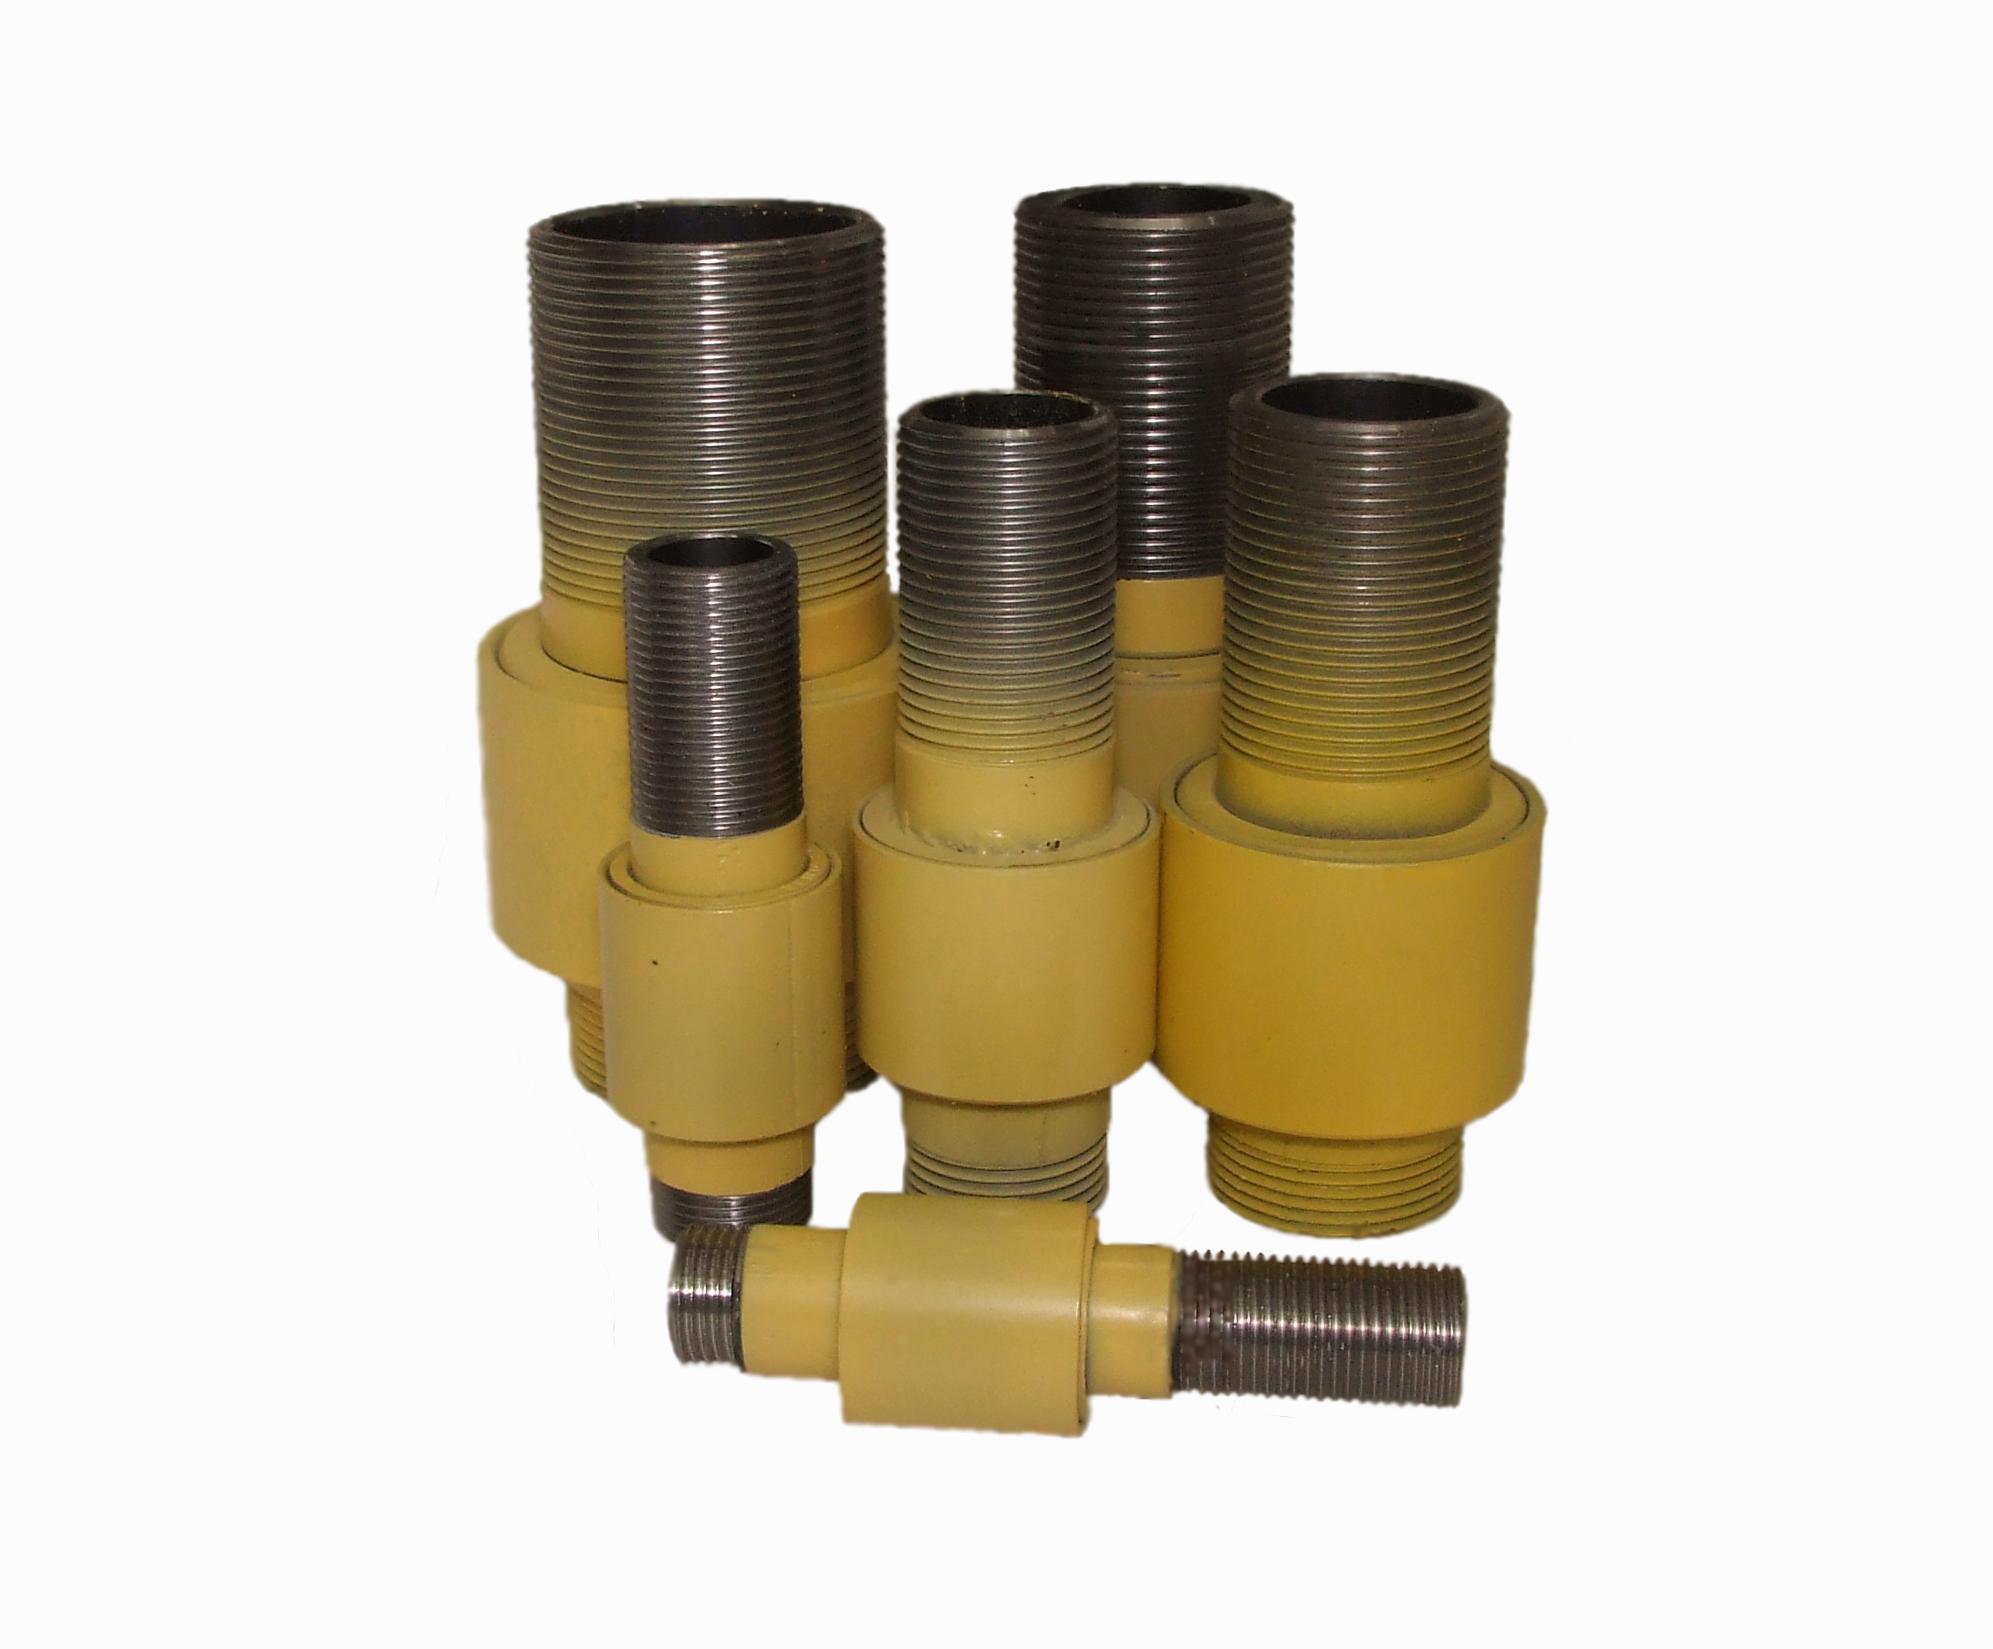 Неразъемные изолирующие соединения ИС-32 для газа